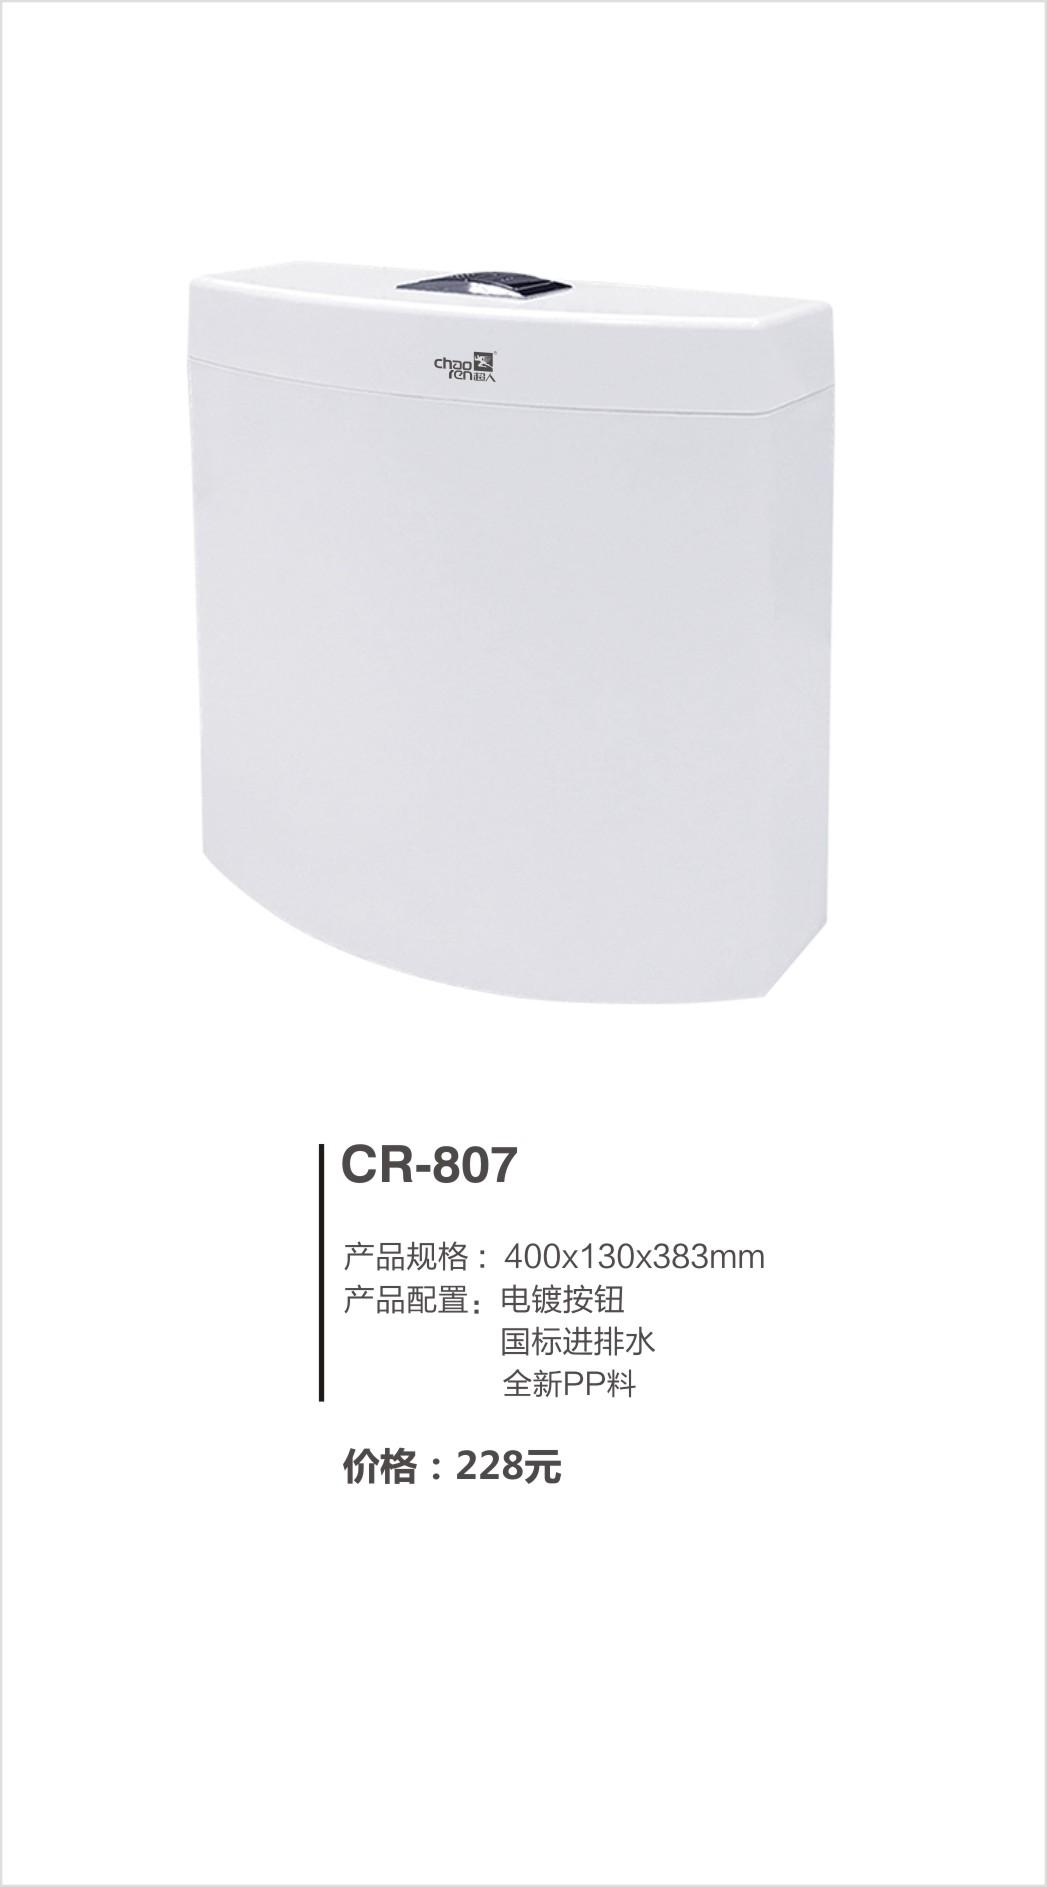 超人(chaoren)卫浴系列水箱CR-807